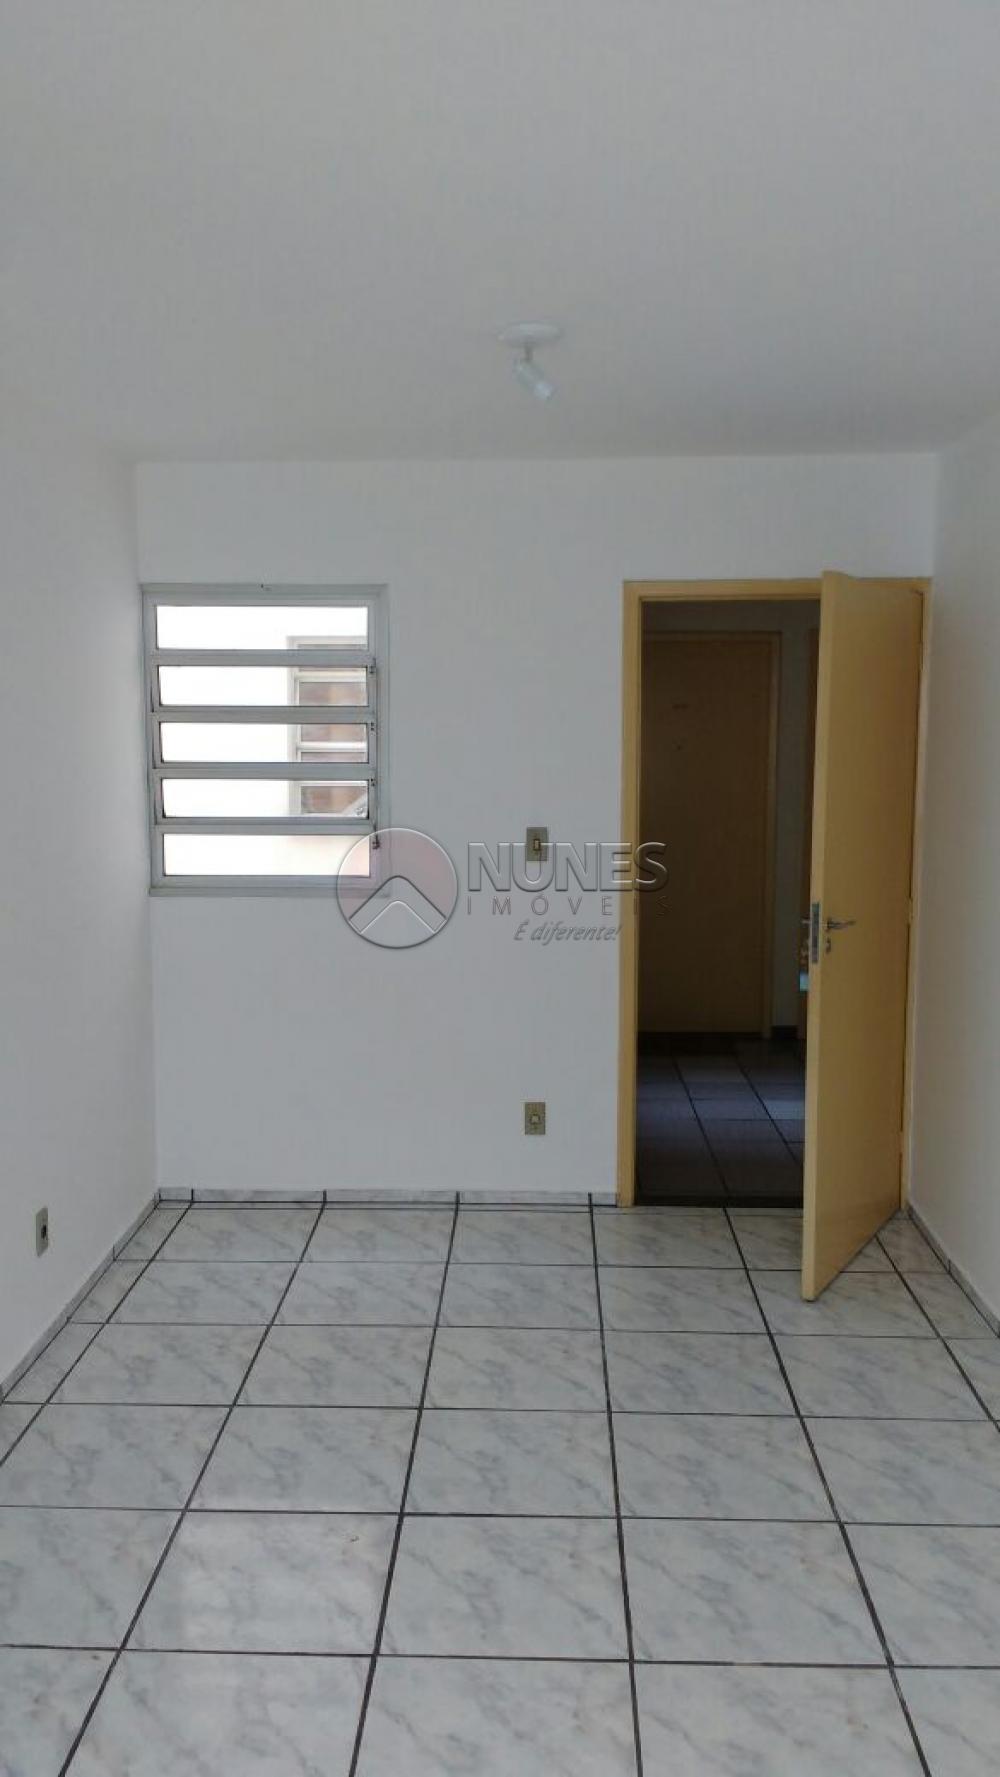 Comprar Apartamento / Padrão em São Paulo apenas R$ 199.000,00 - Foto 2